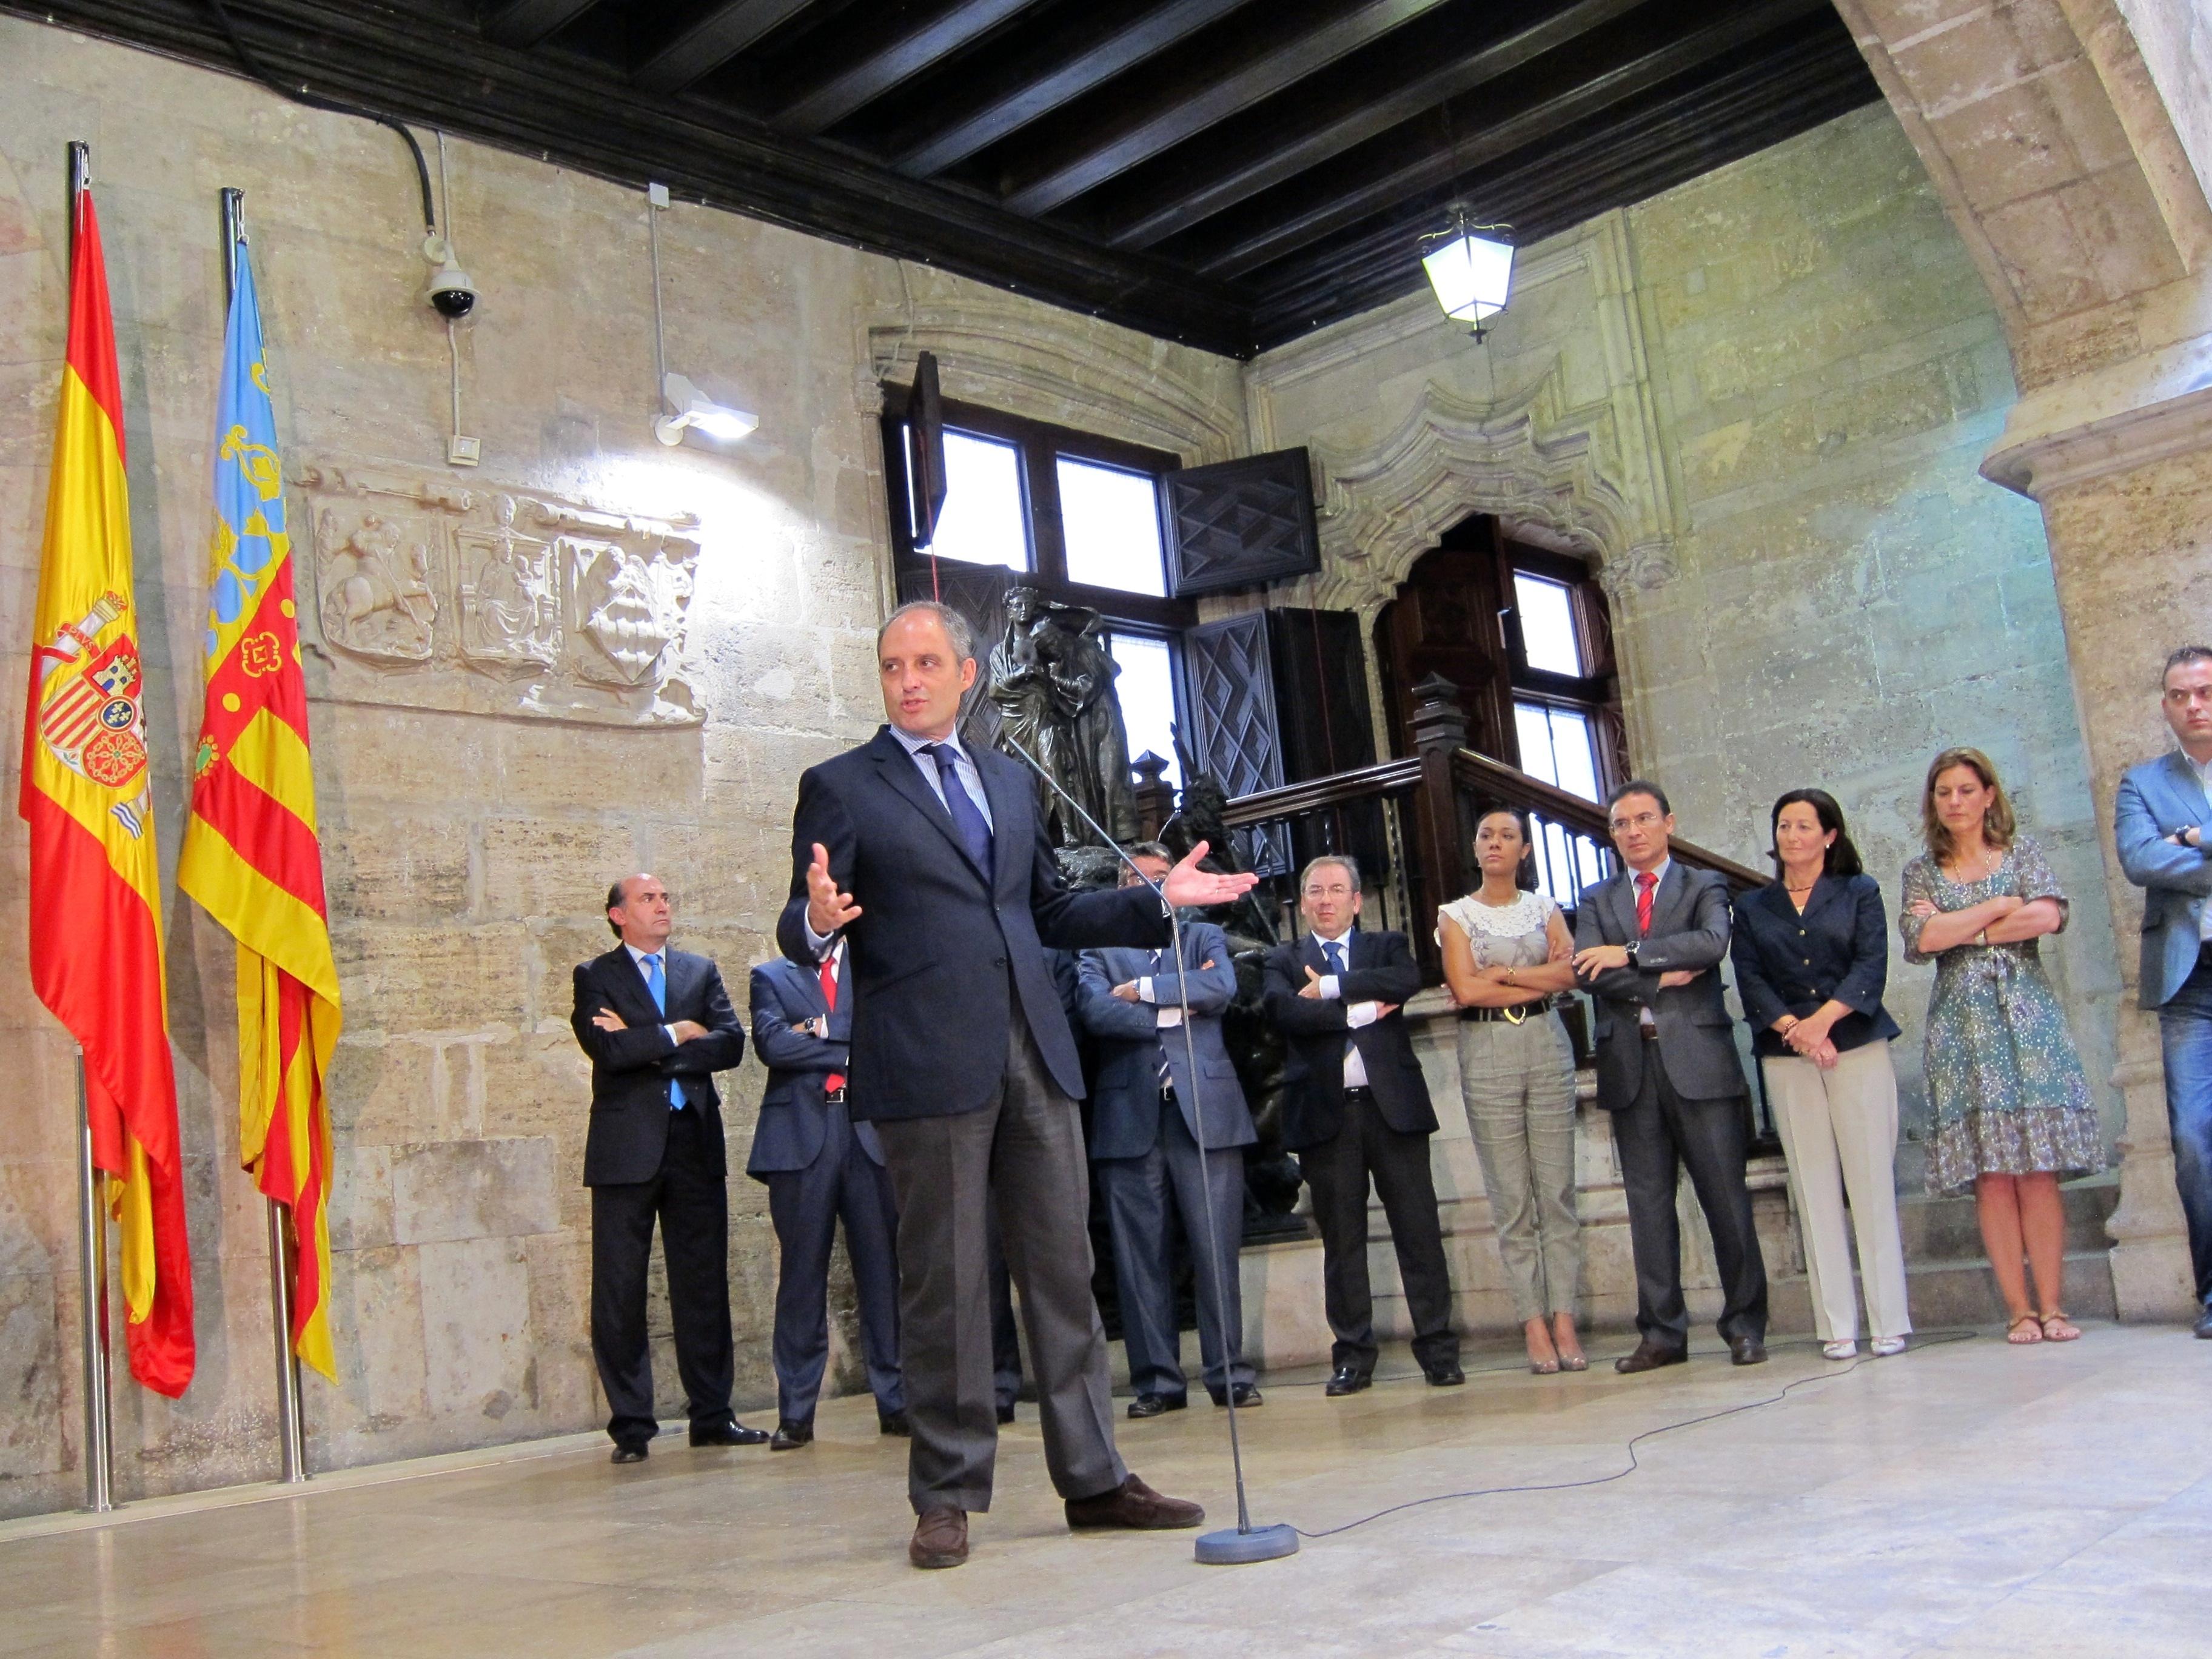 Portavoz Generalitat valenciana sobre el futuro político de Camps: «Dios dirá»